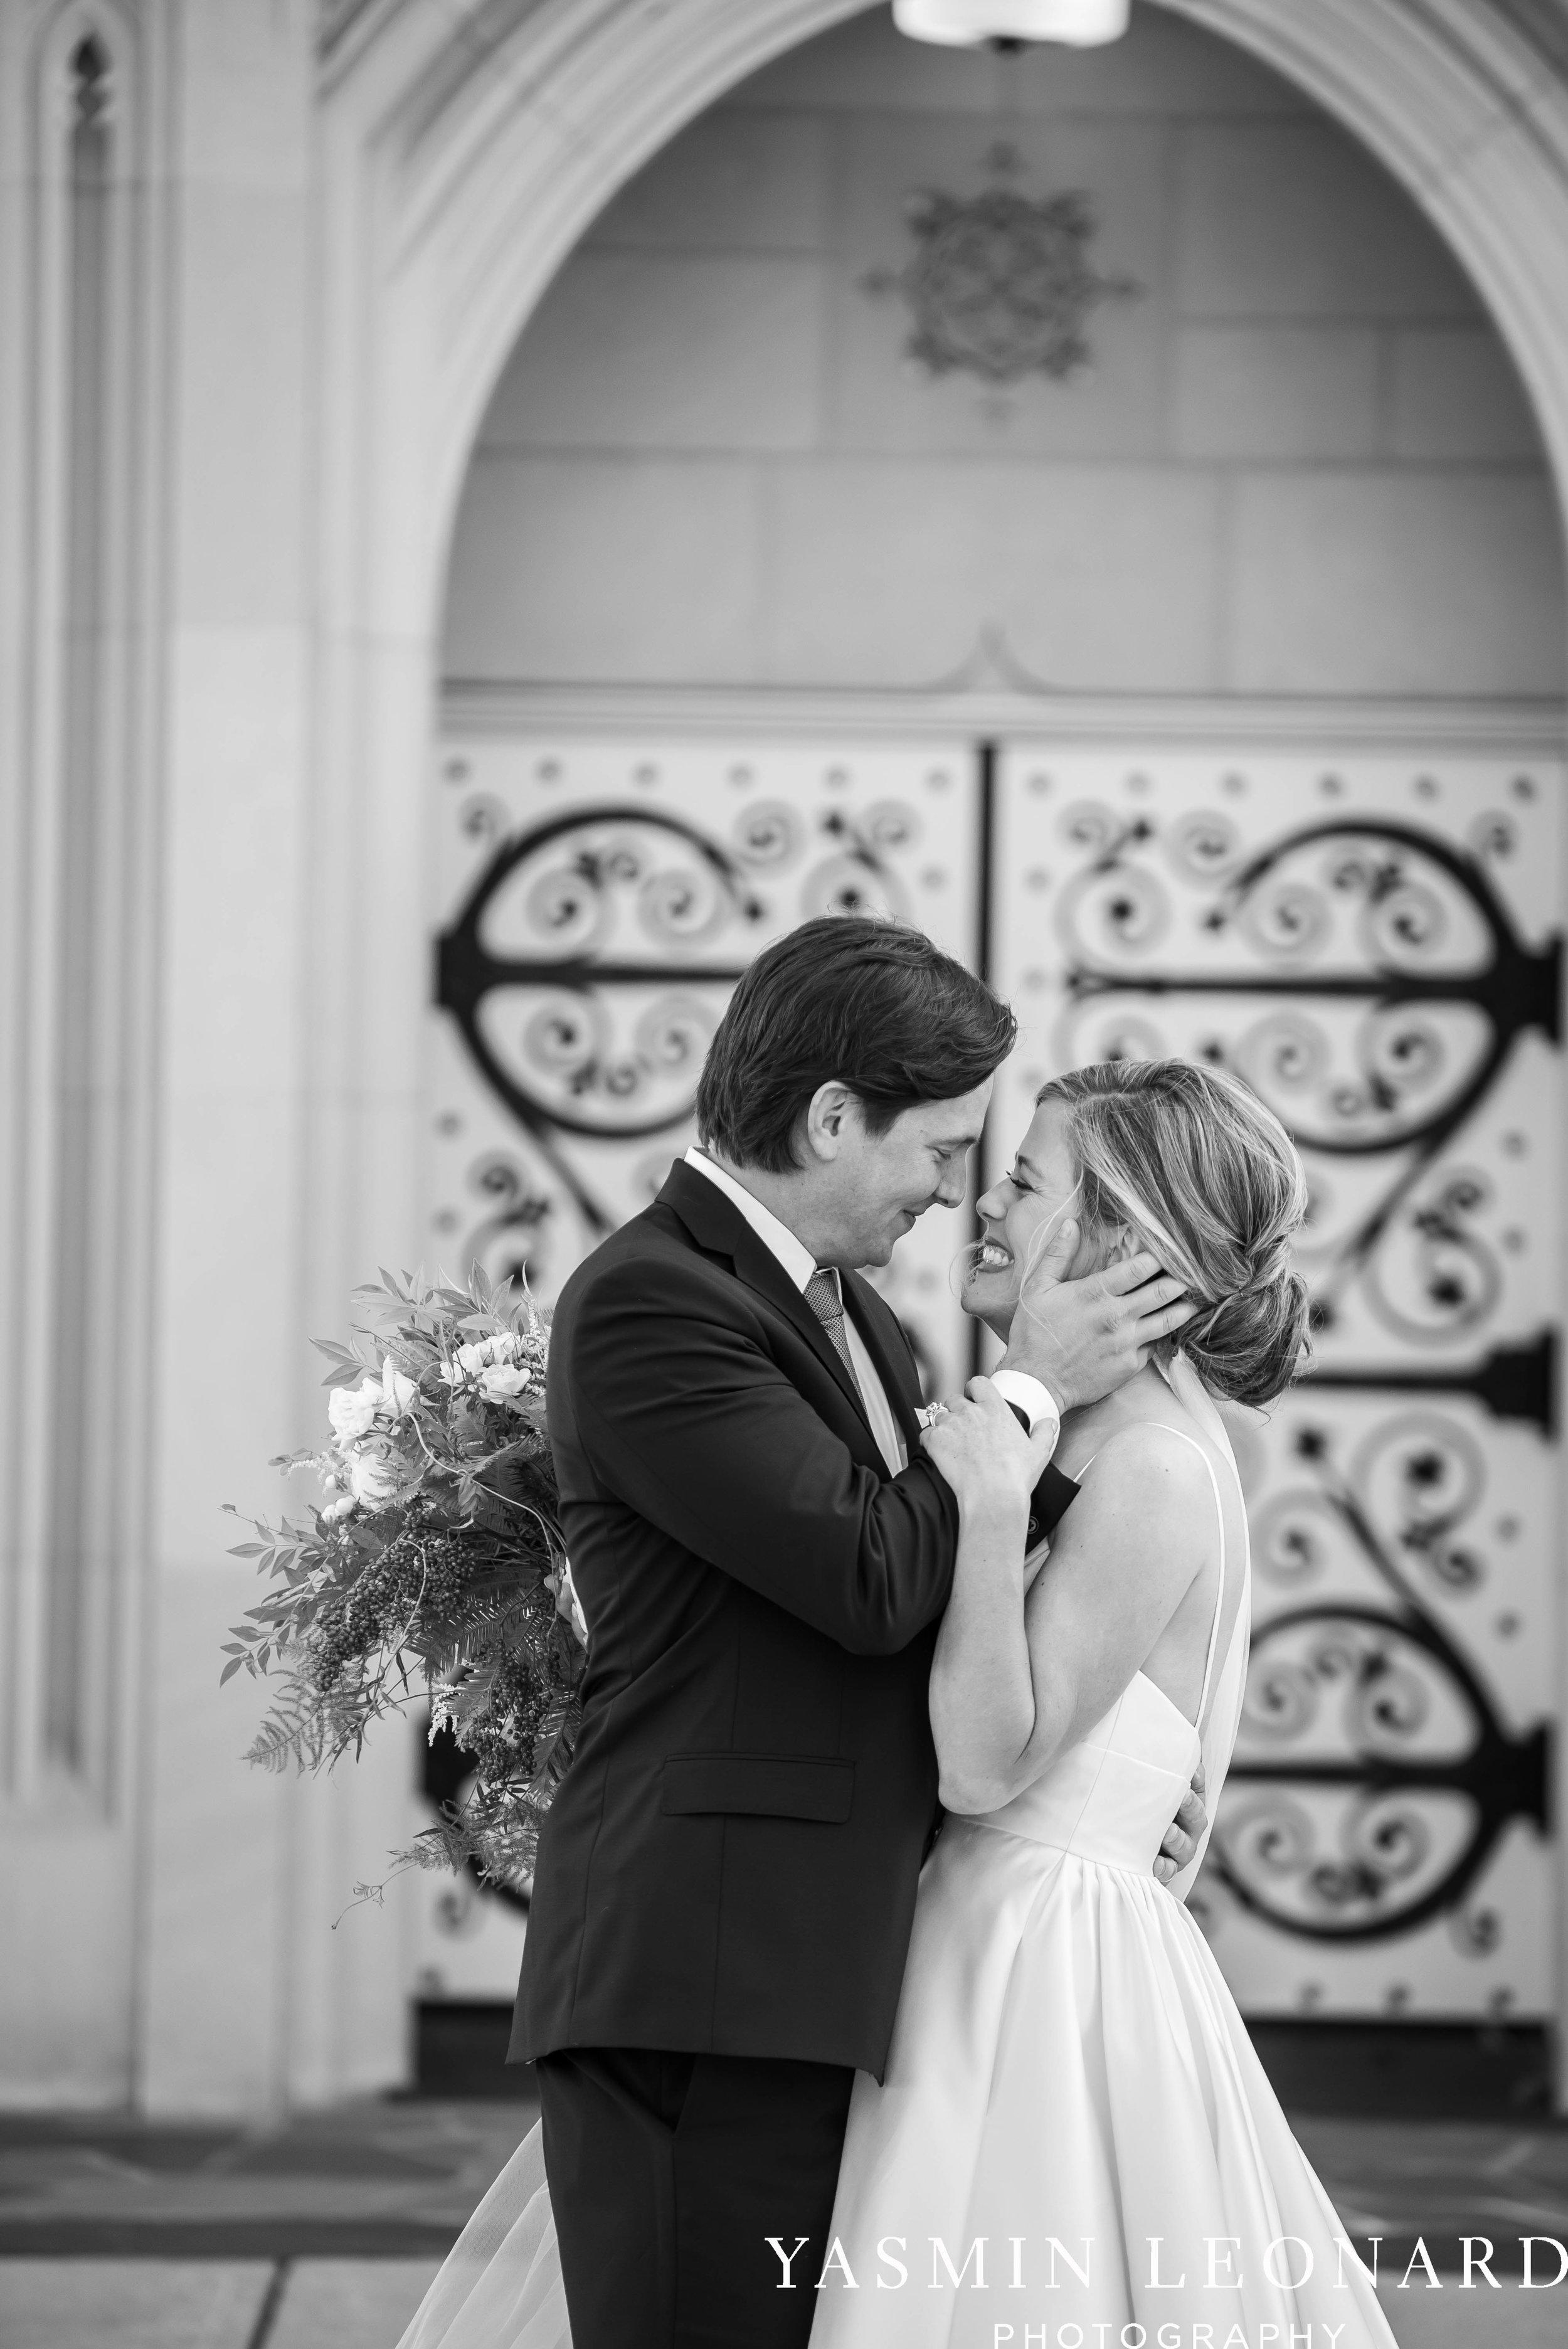 Wesley Memorial United Methodist Church - EmeryWood - High Point Weddings - High Point Wedding Photographer - NC Wedding Photographer - Yasmin Leonard Photography-38.jpg